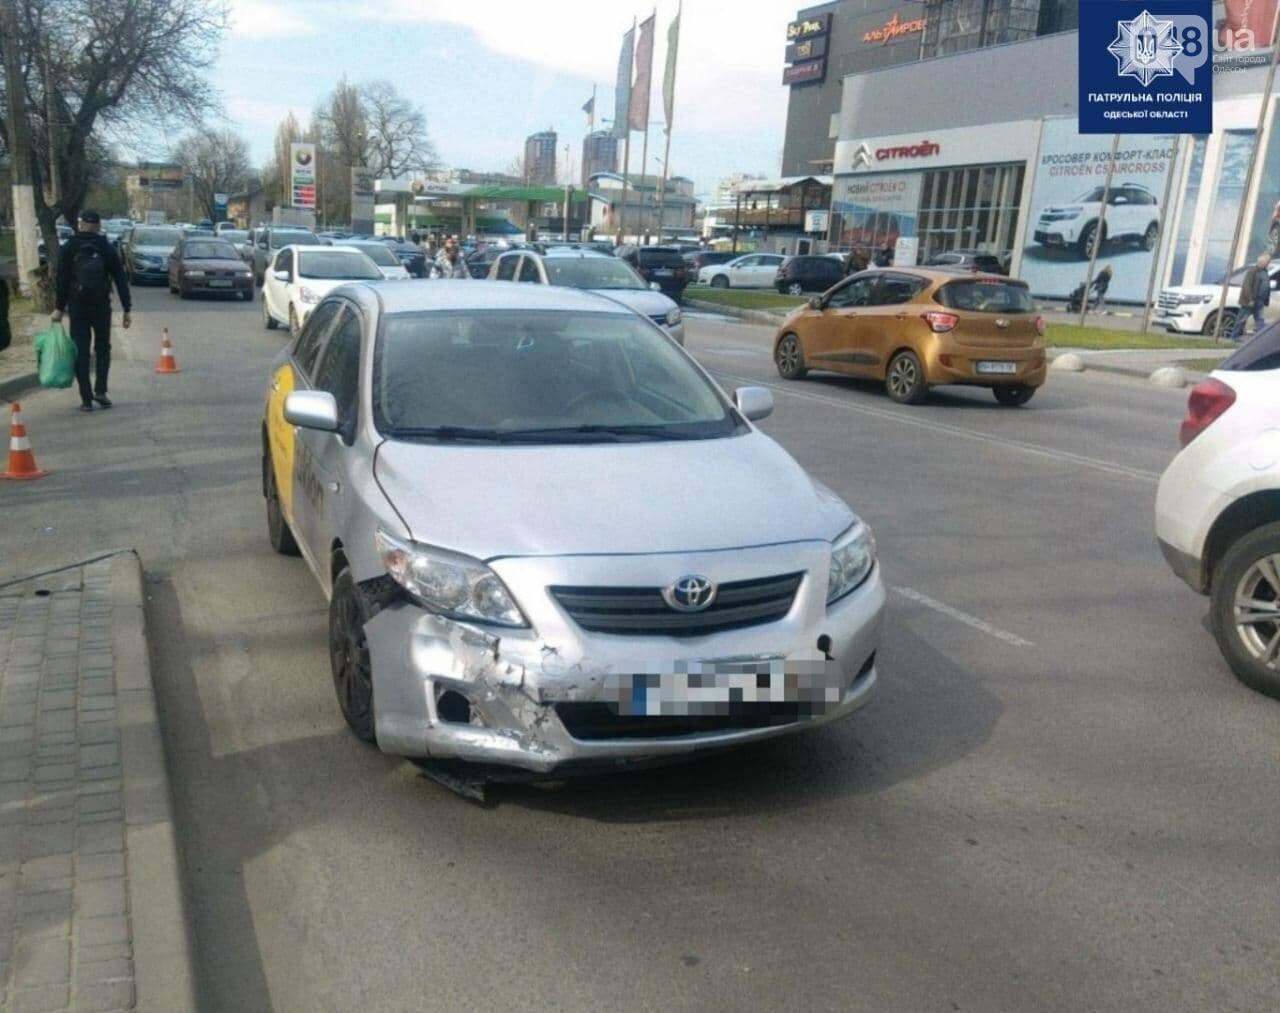 В Одессе водитель мопеда попал под колёса автомобиля и был госпитализирован, - ФОТО, фото-1